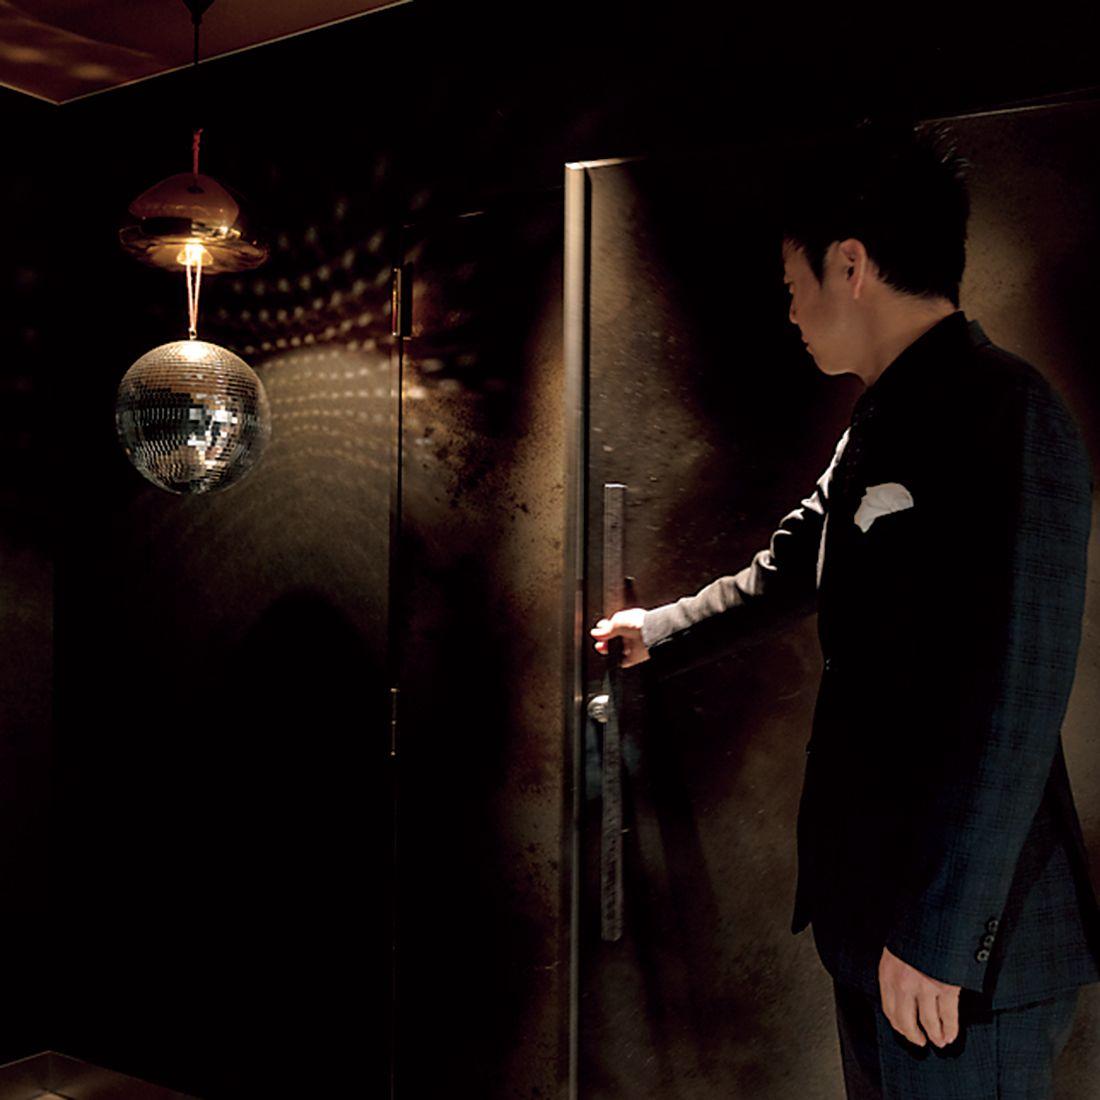 精肉店『黒犇』の奥にある秘密の扉。